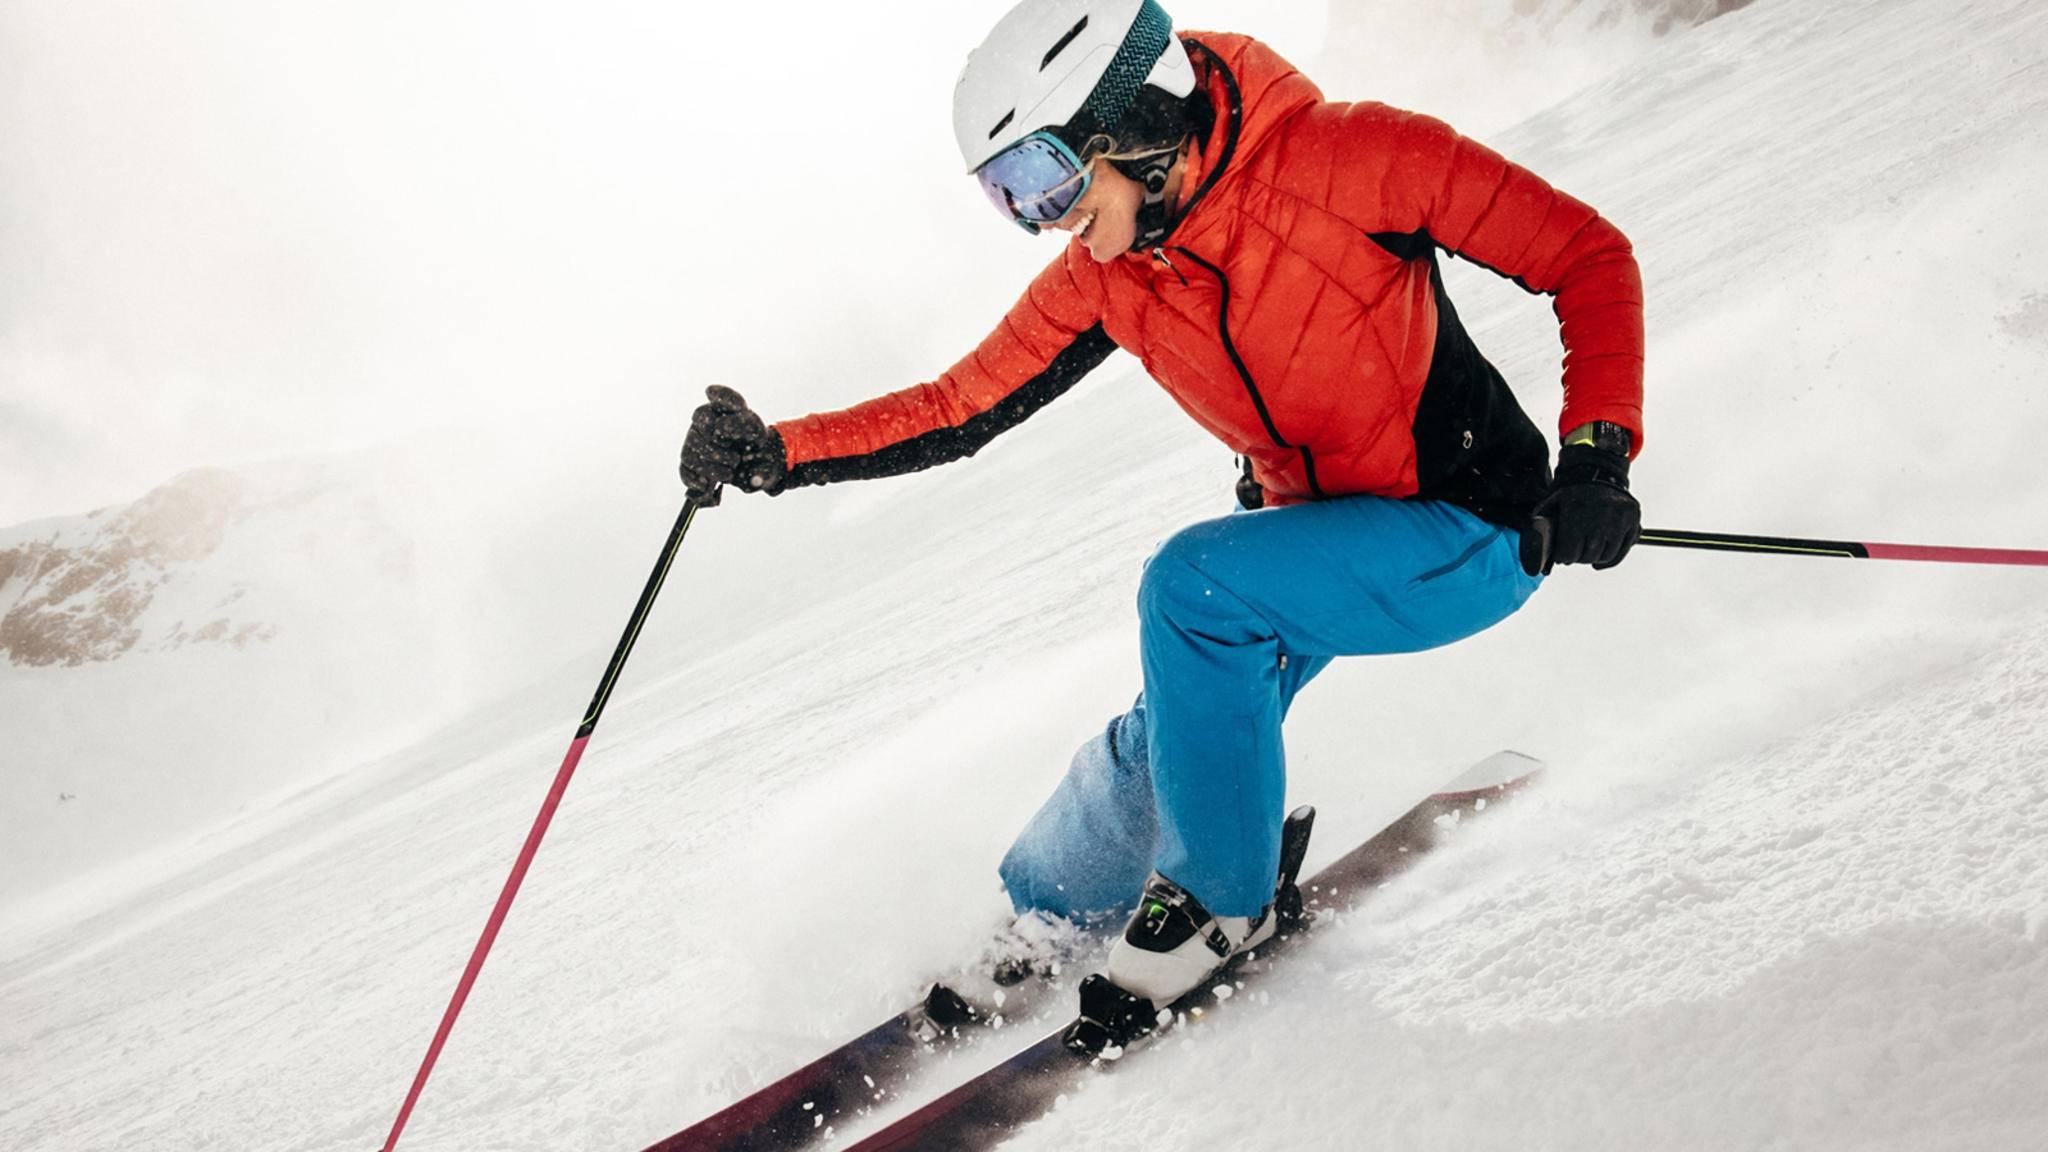 Ab auf die Piste! Die Apple Watch 3 kann ab sofort auch Ski- und Snowboard-Abfahrten tracken.